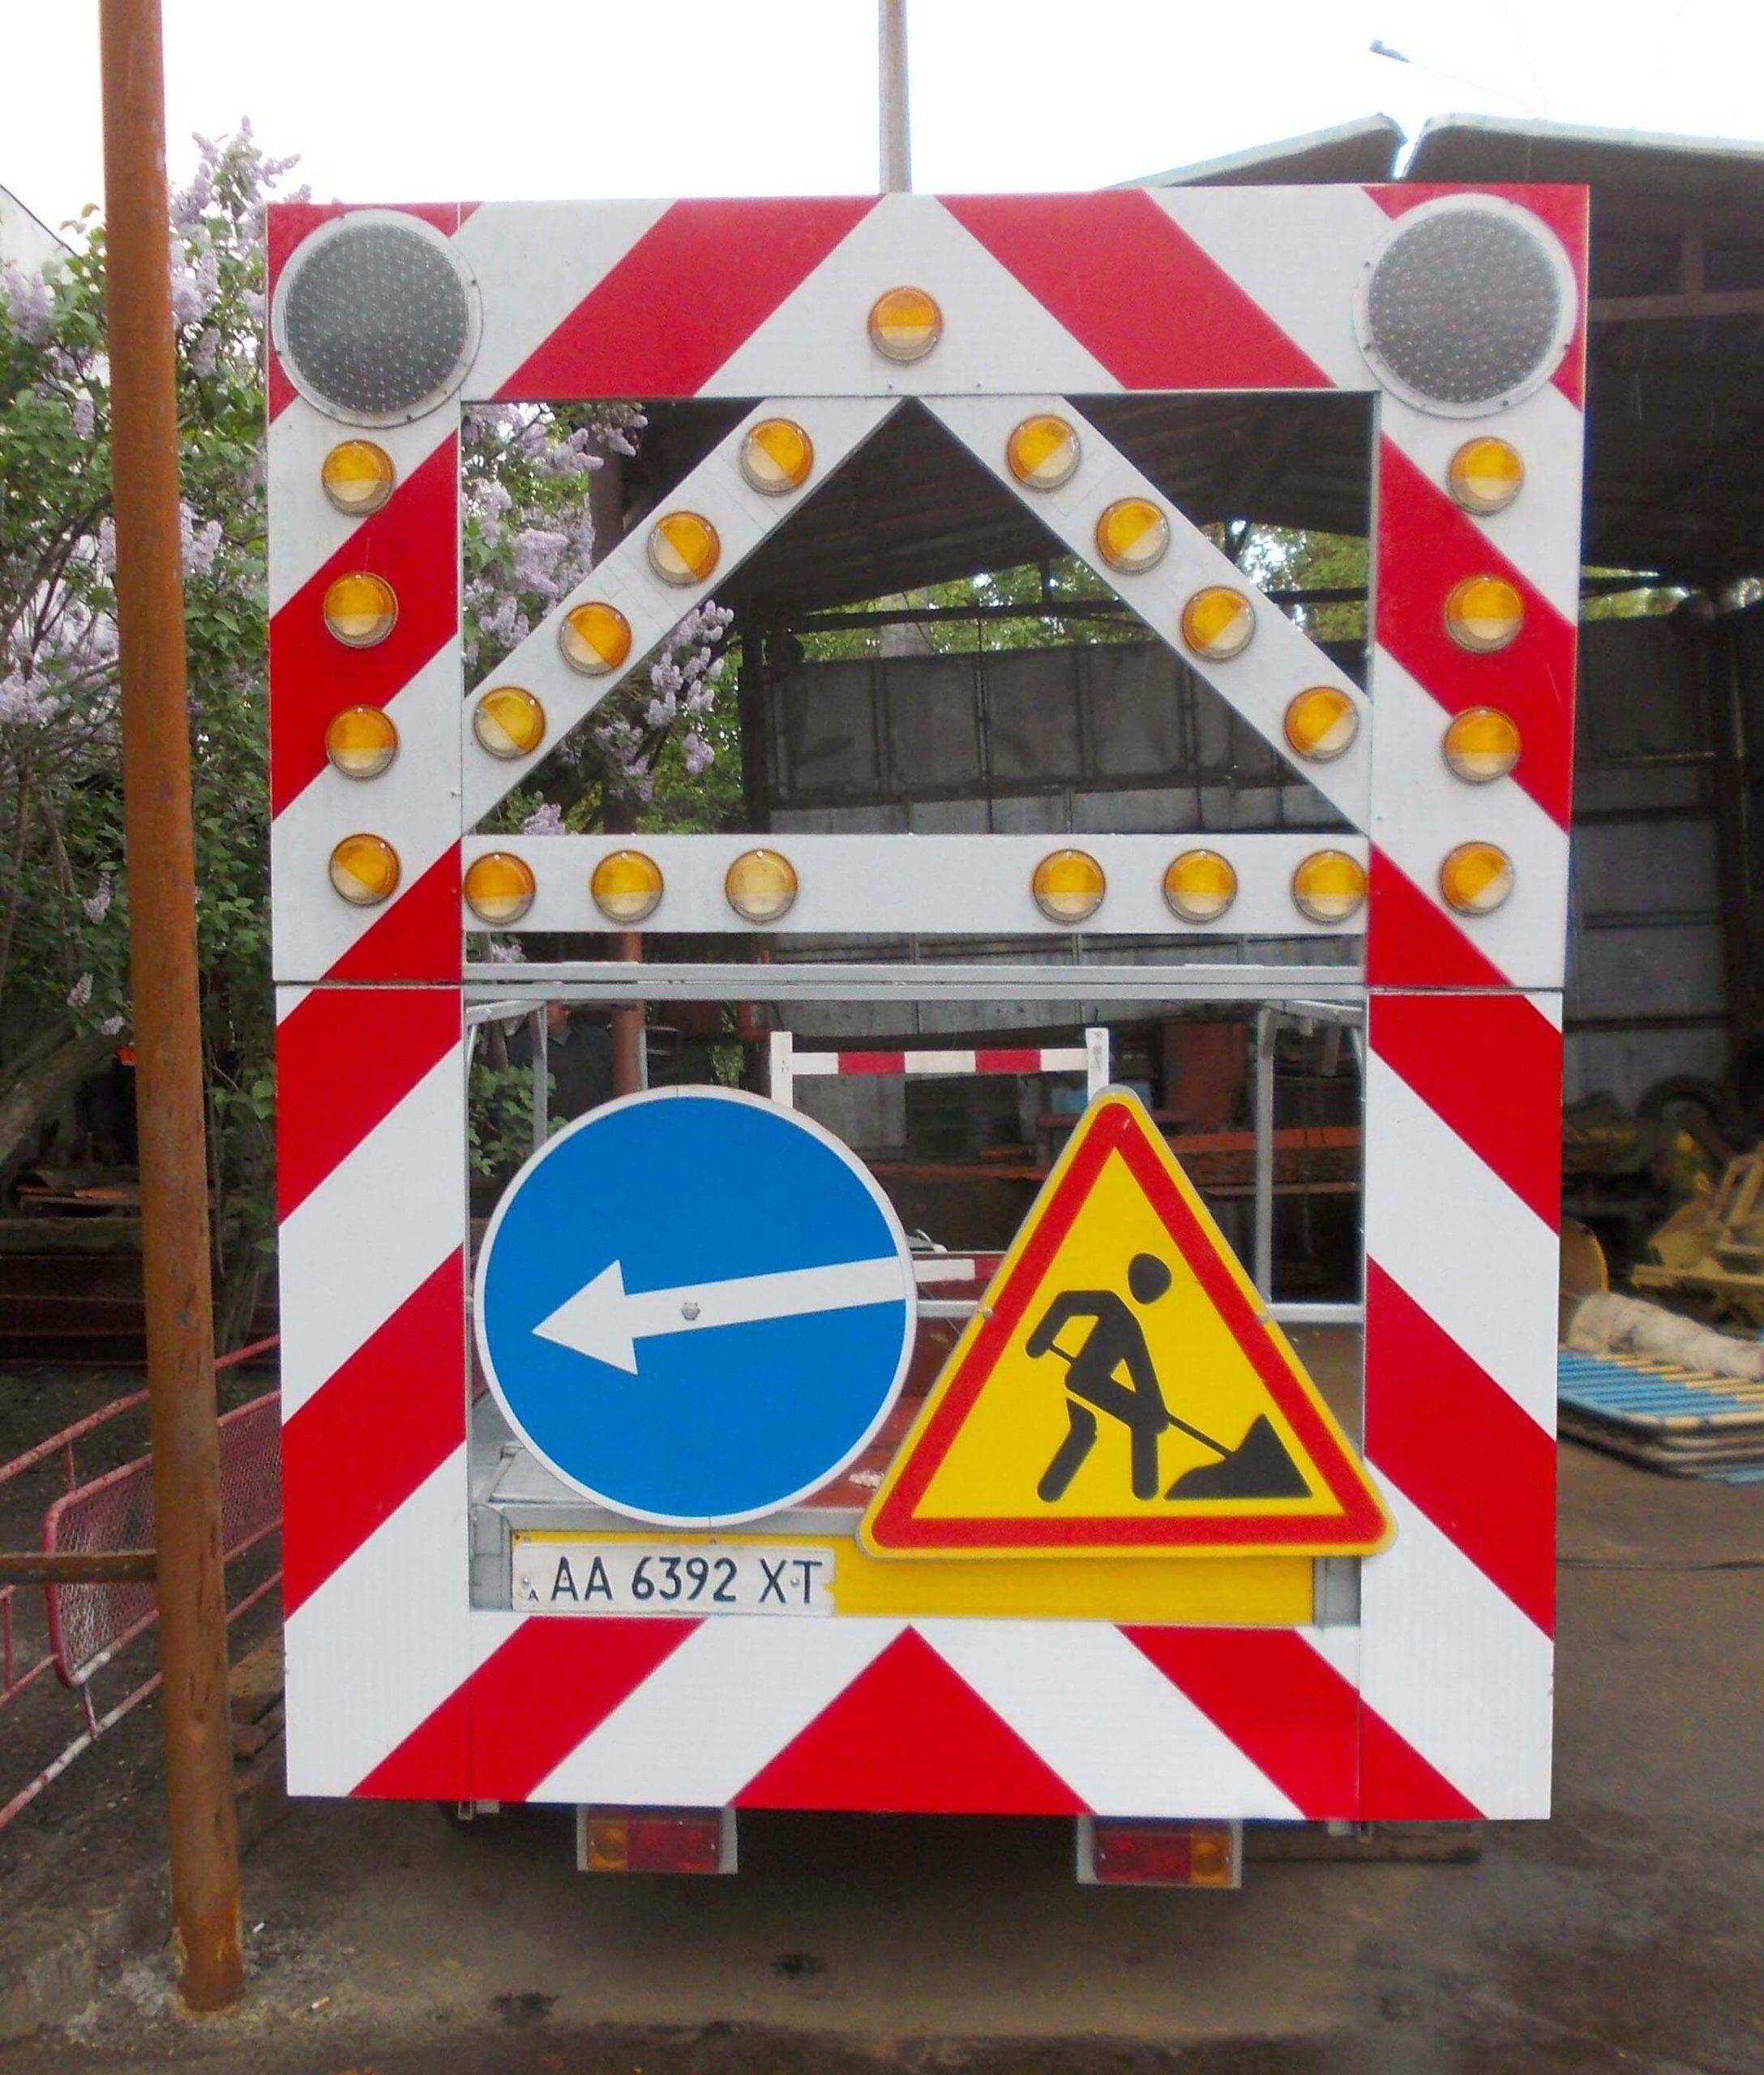 прицеп для дорожных работ - знаки